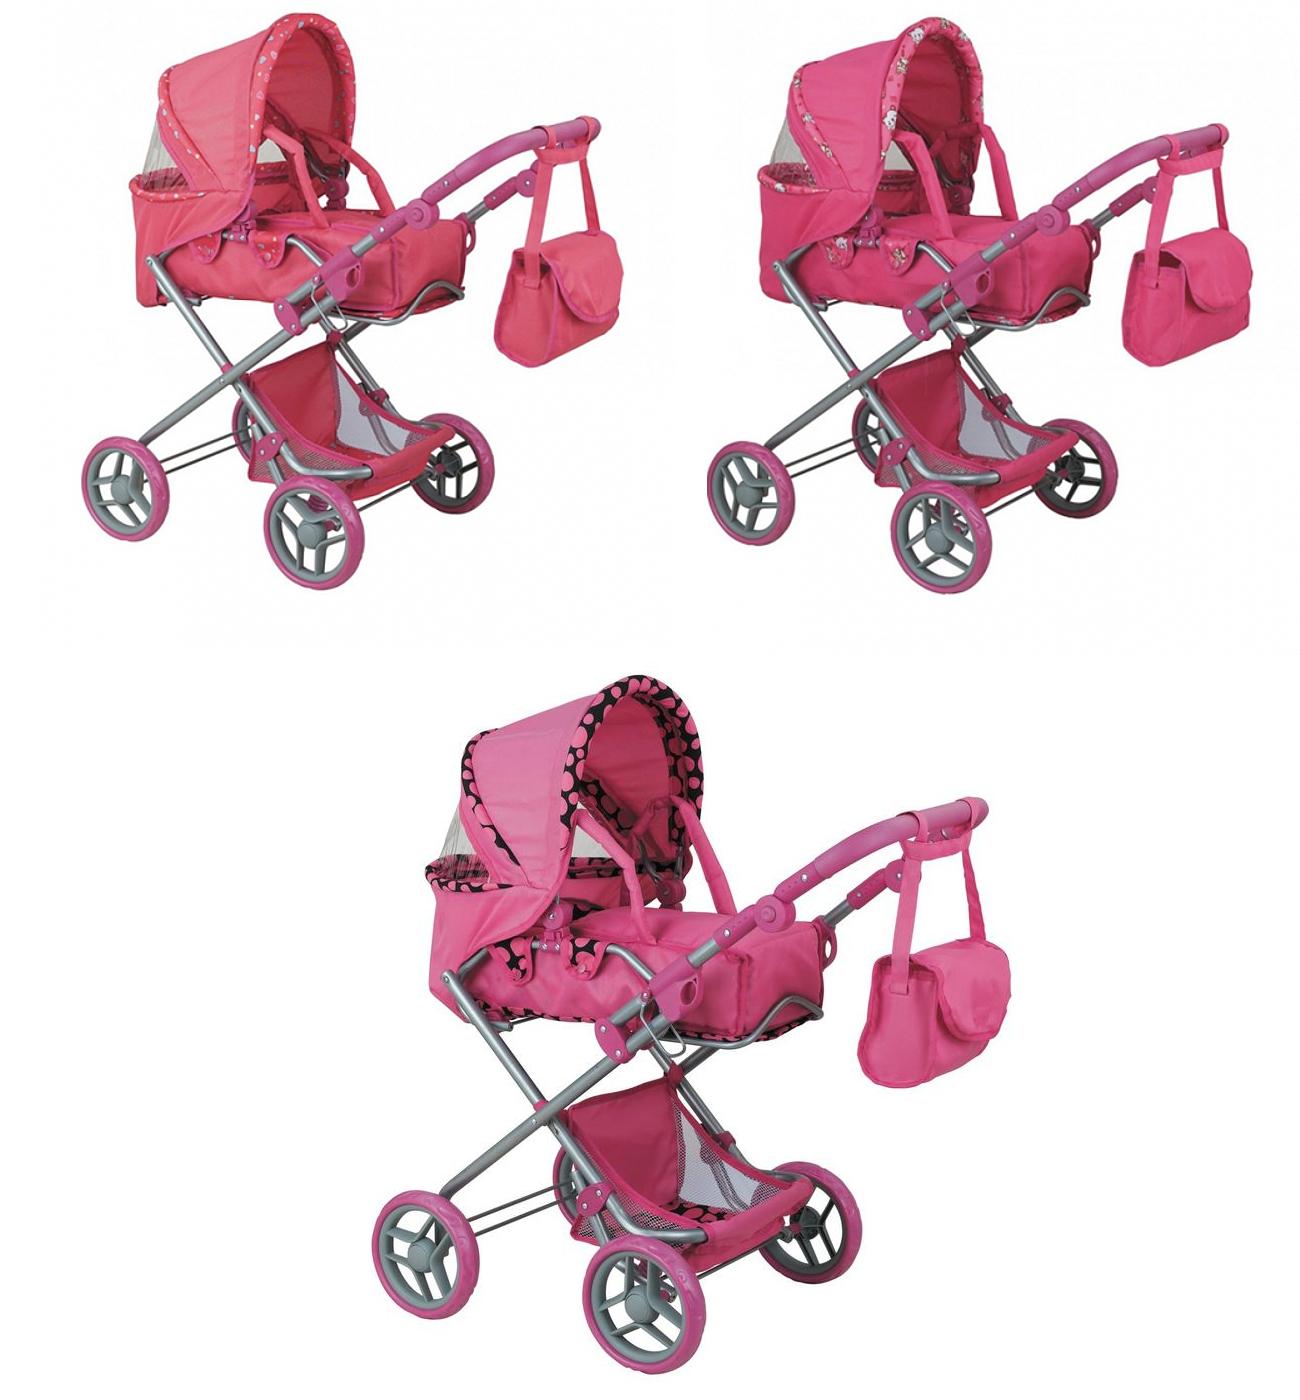 Коляска-трансформер для кукол Buggy Boom Infinia, розовая, 83 см